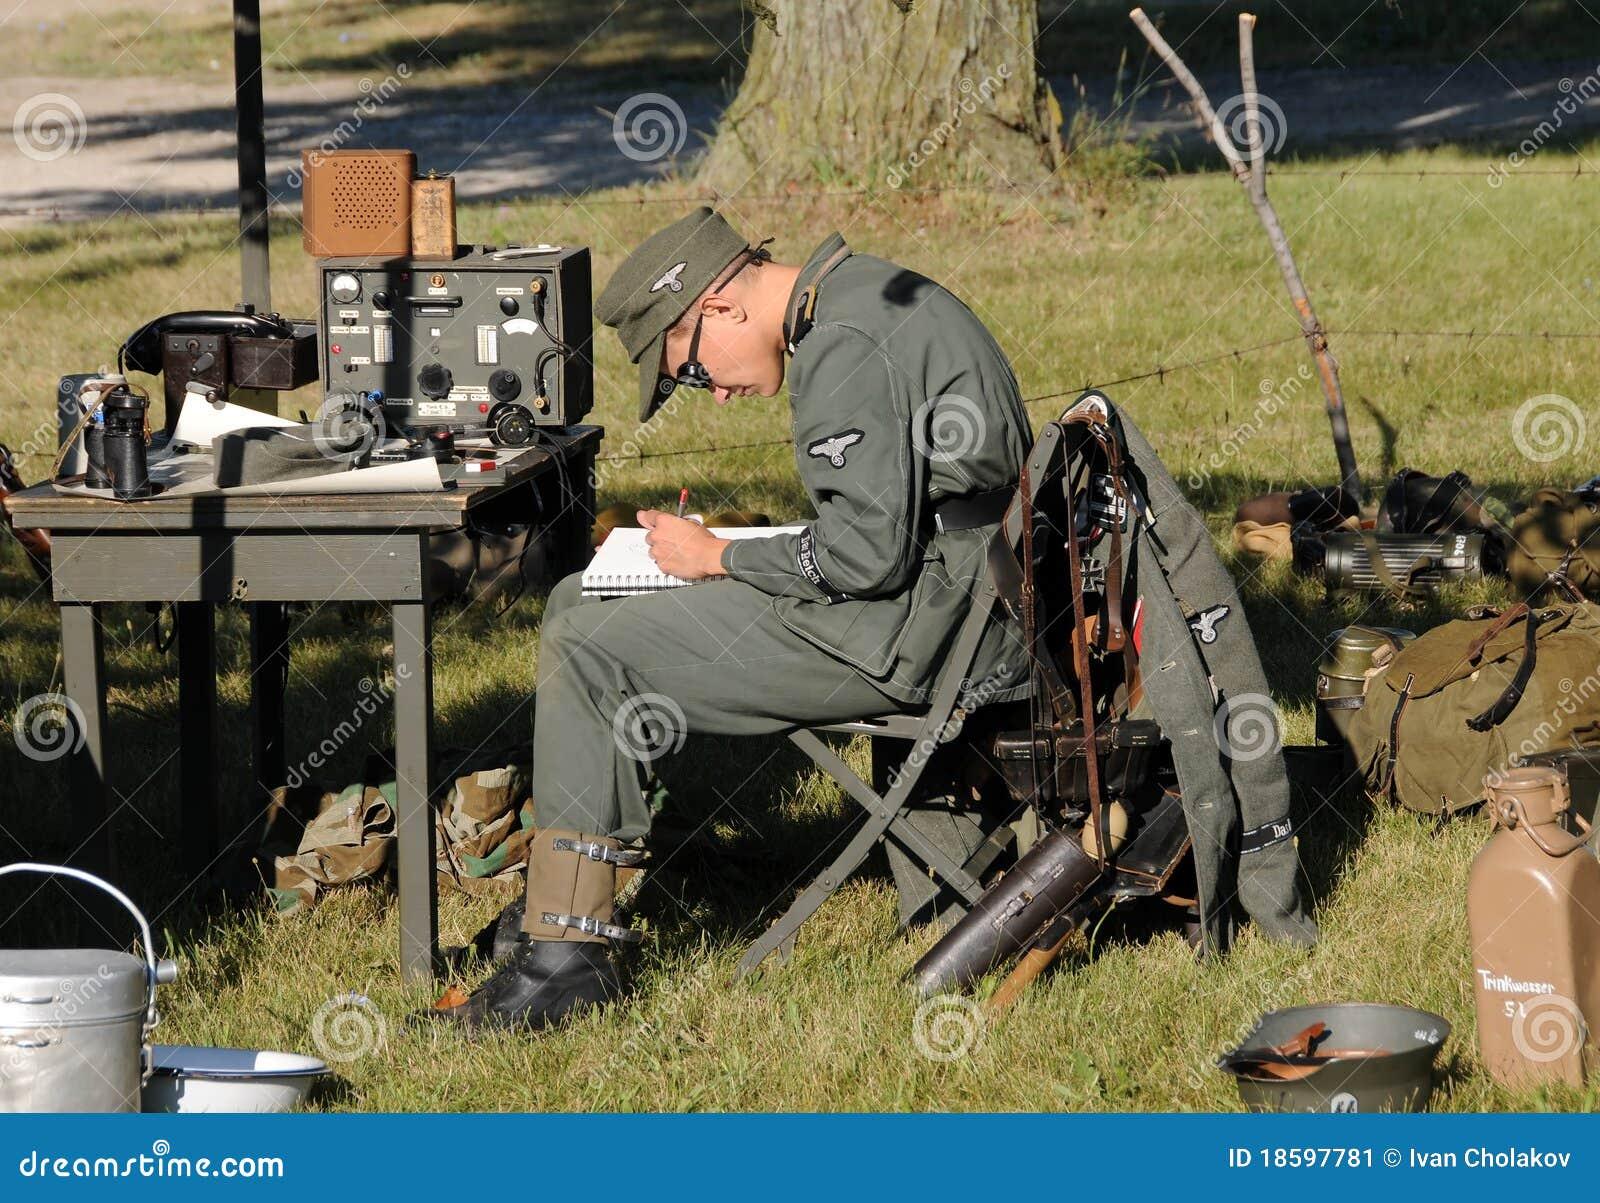 Elicottero 2 Guerra Mondiale : Vita dell accampamento di era della seconda guerra